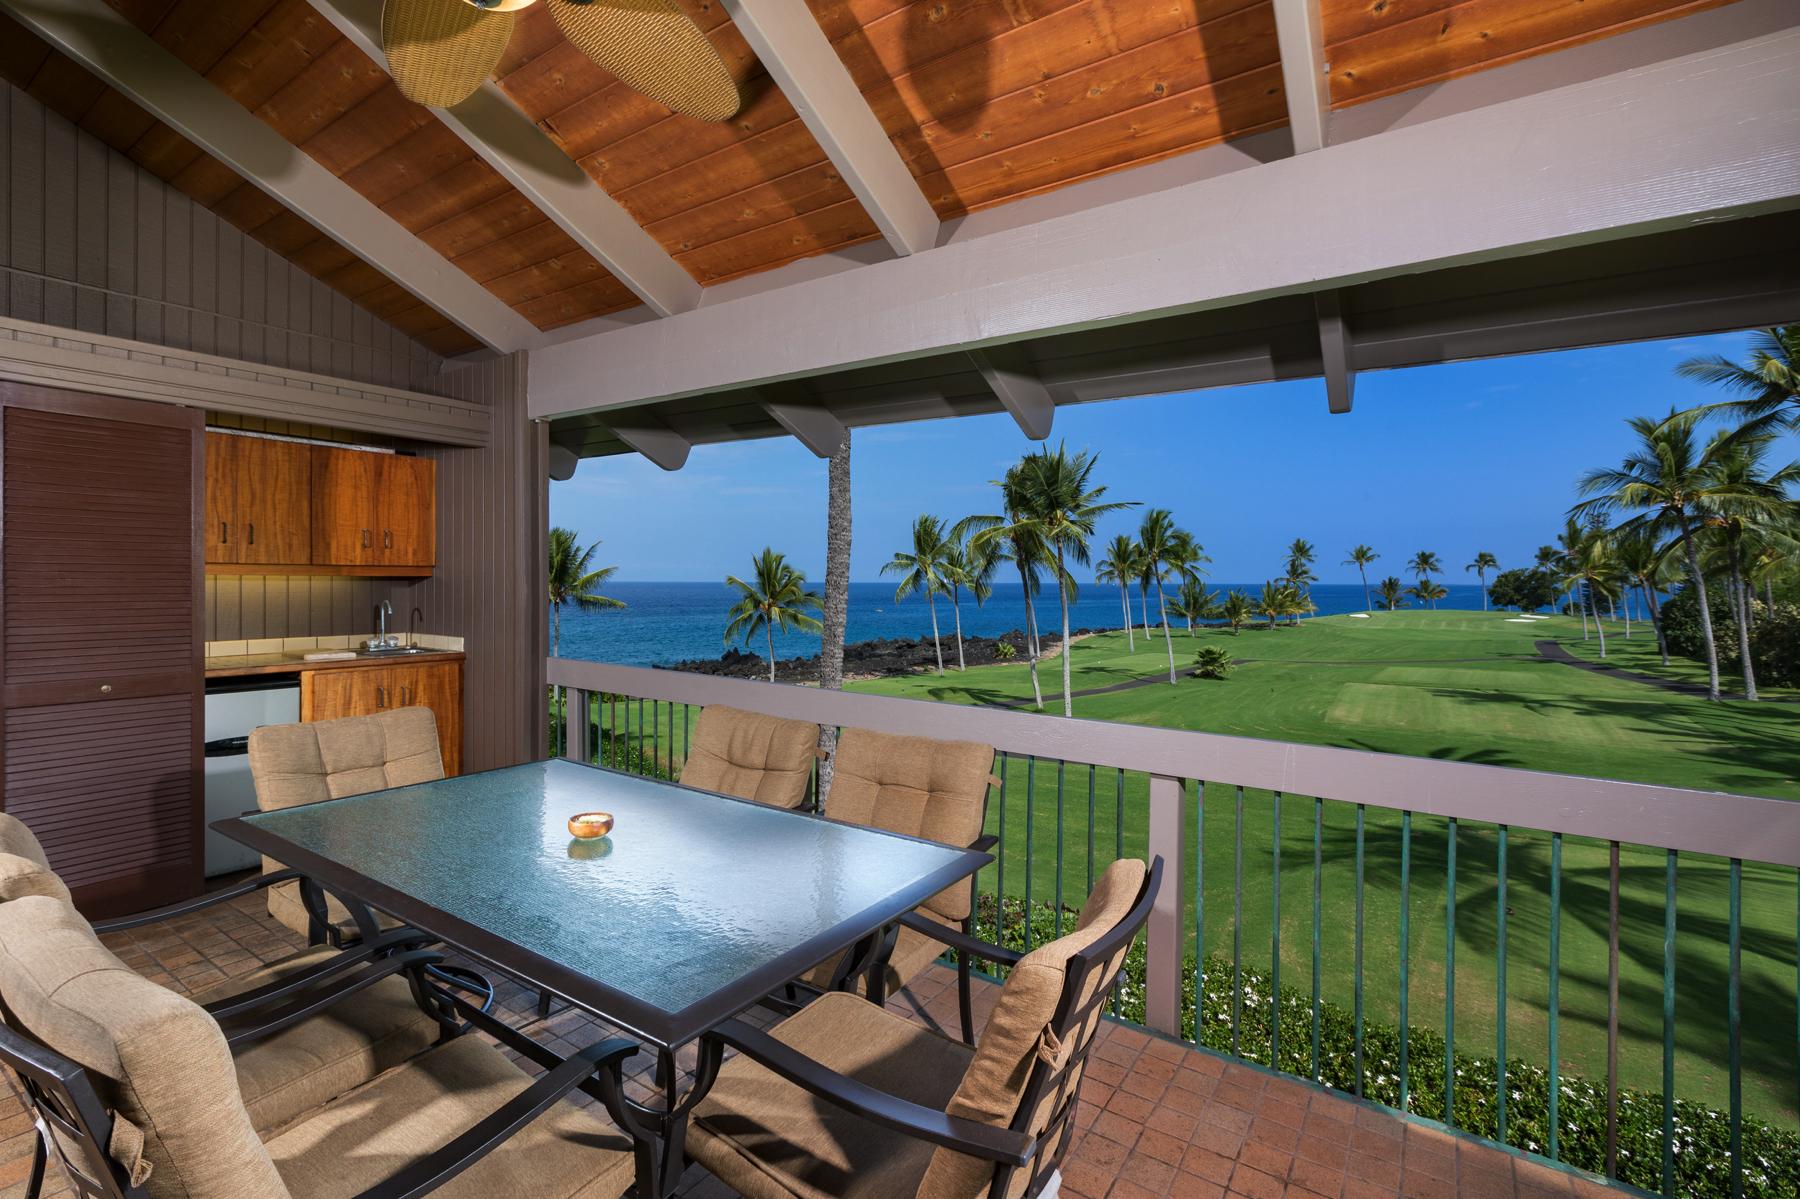 Townhouse for Sale at Kanaloa 78-261 Manukai St Kailua-Kona, Hawaii 96740 United States